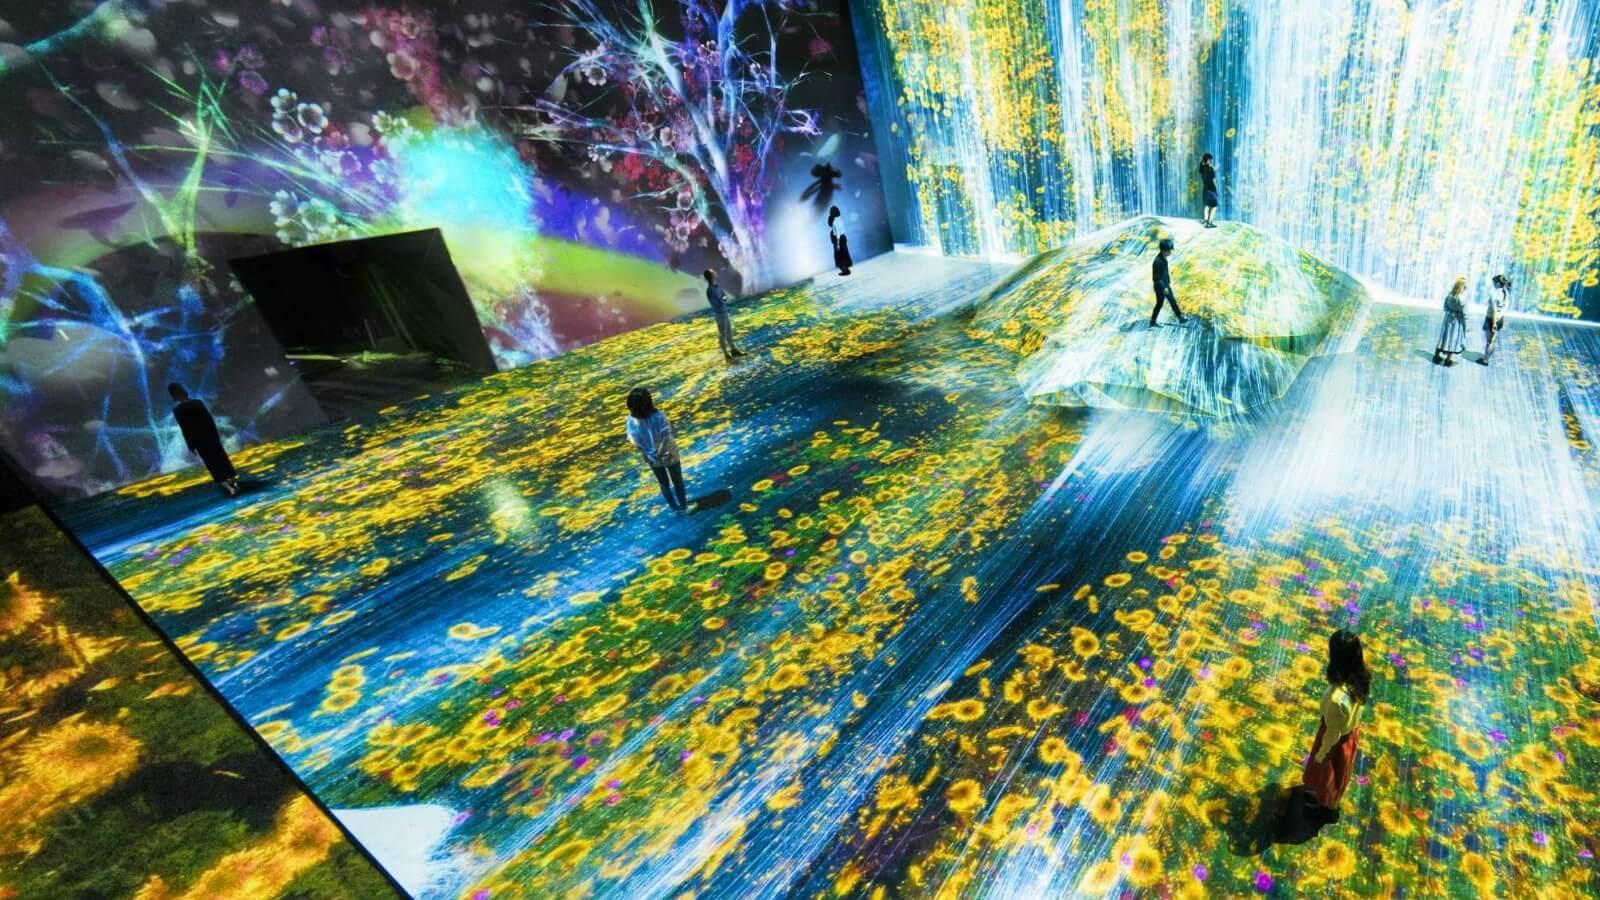 Un Museo digital en Tokio mezcla la realidad con la naturaleza